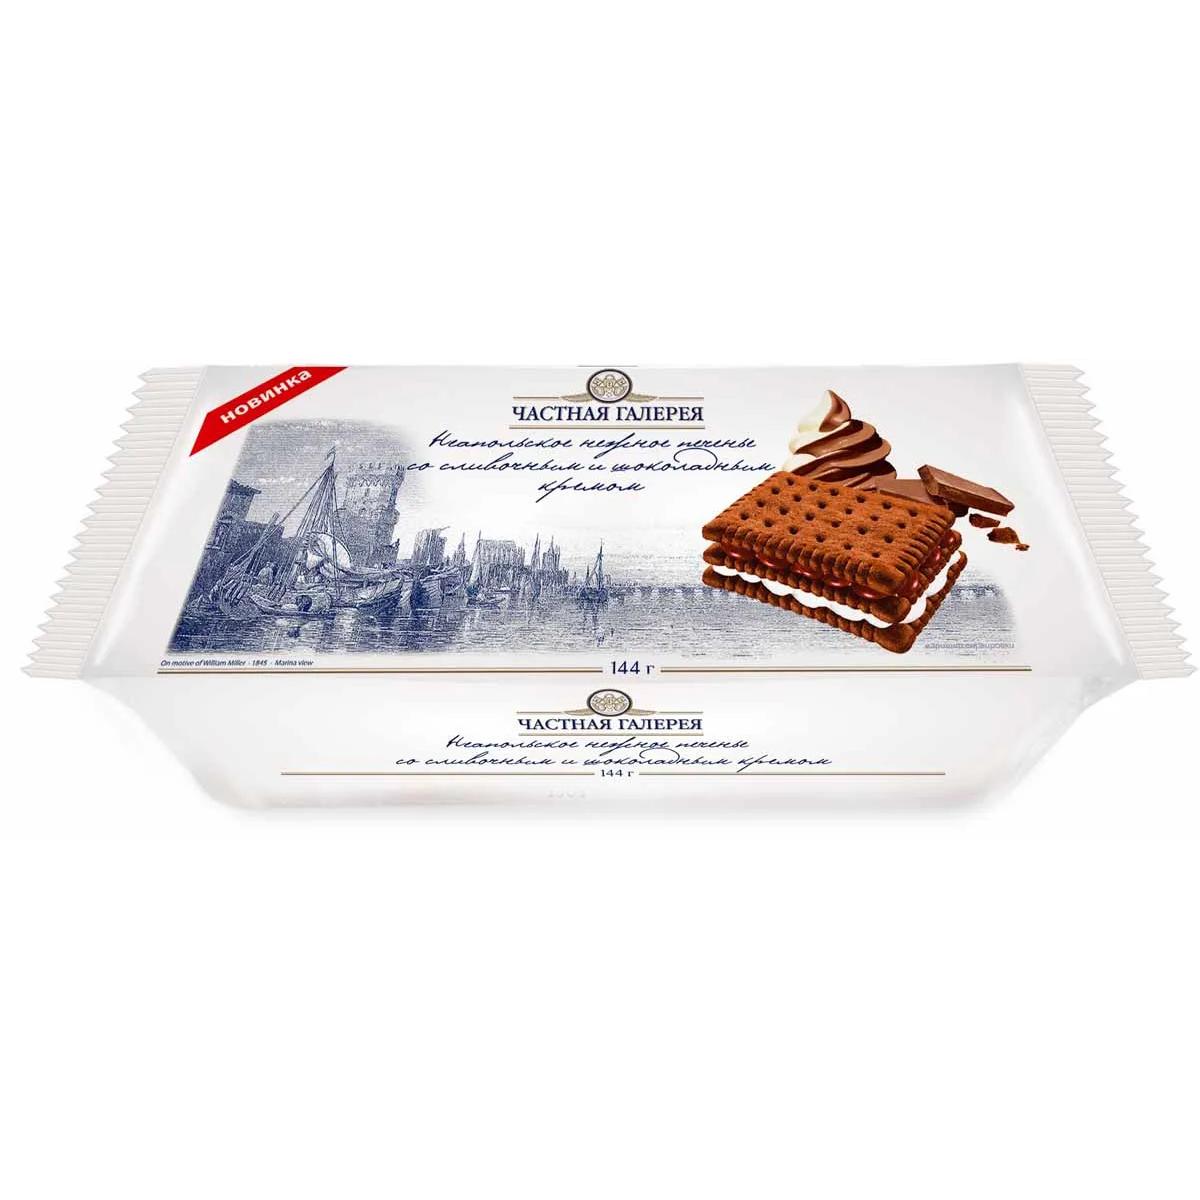 печенье датское сахарное 400г частная галерея Печенье Частная галерея Неапольское, нежное, со сливочным и шоколадным кремом, 144 г